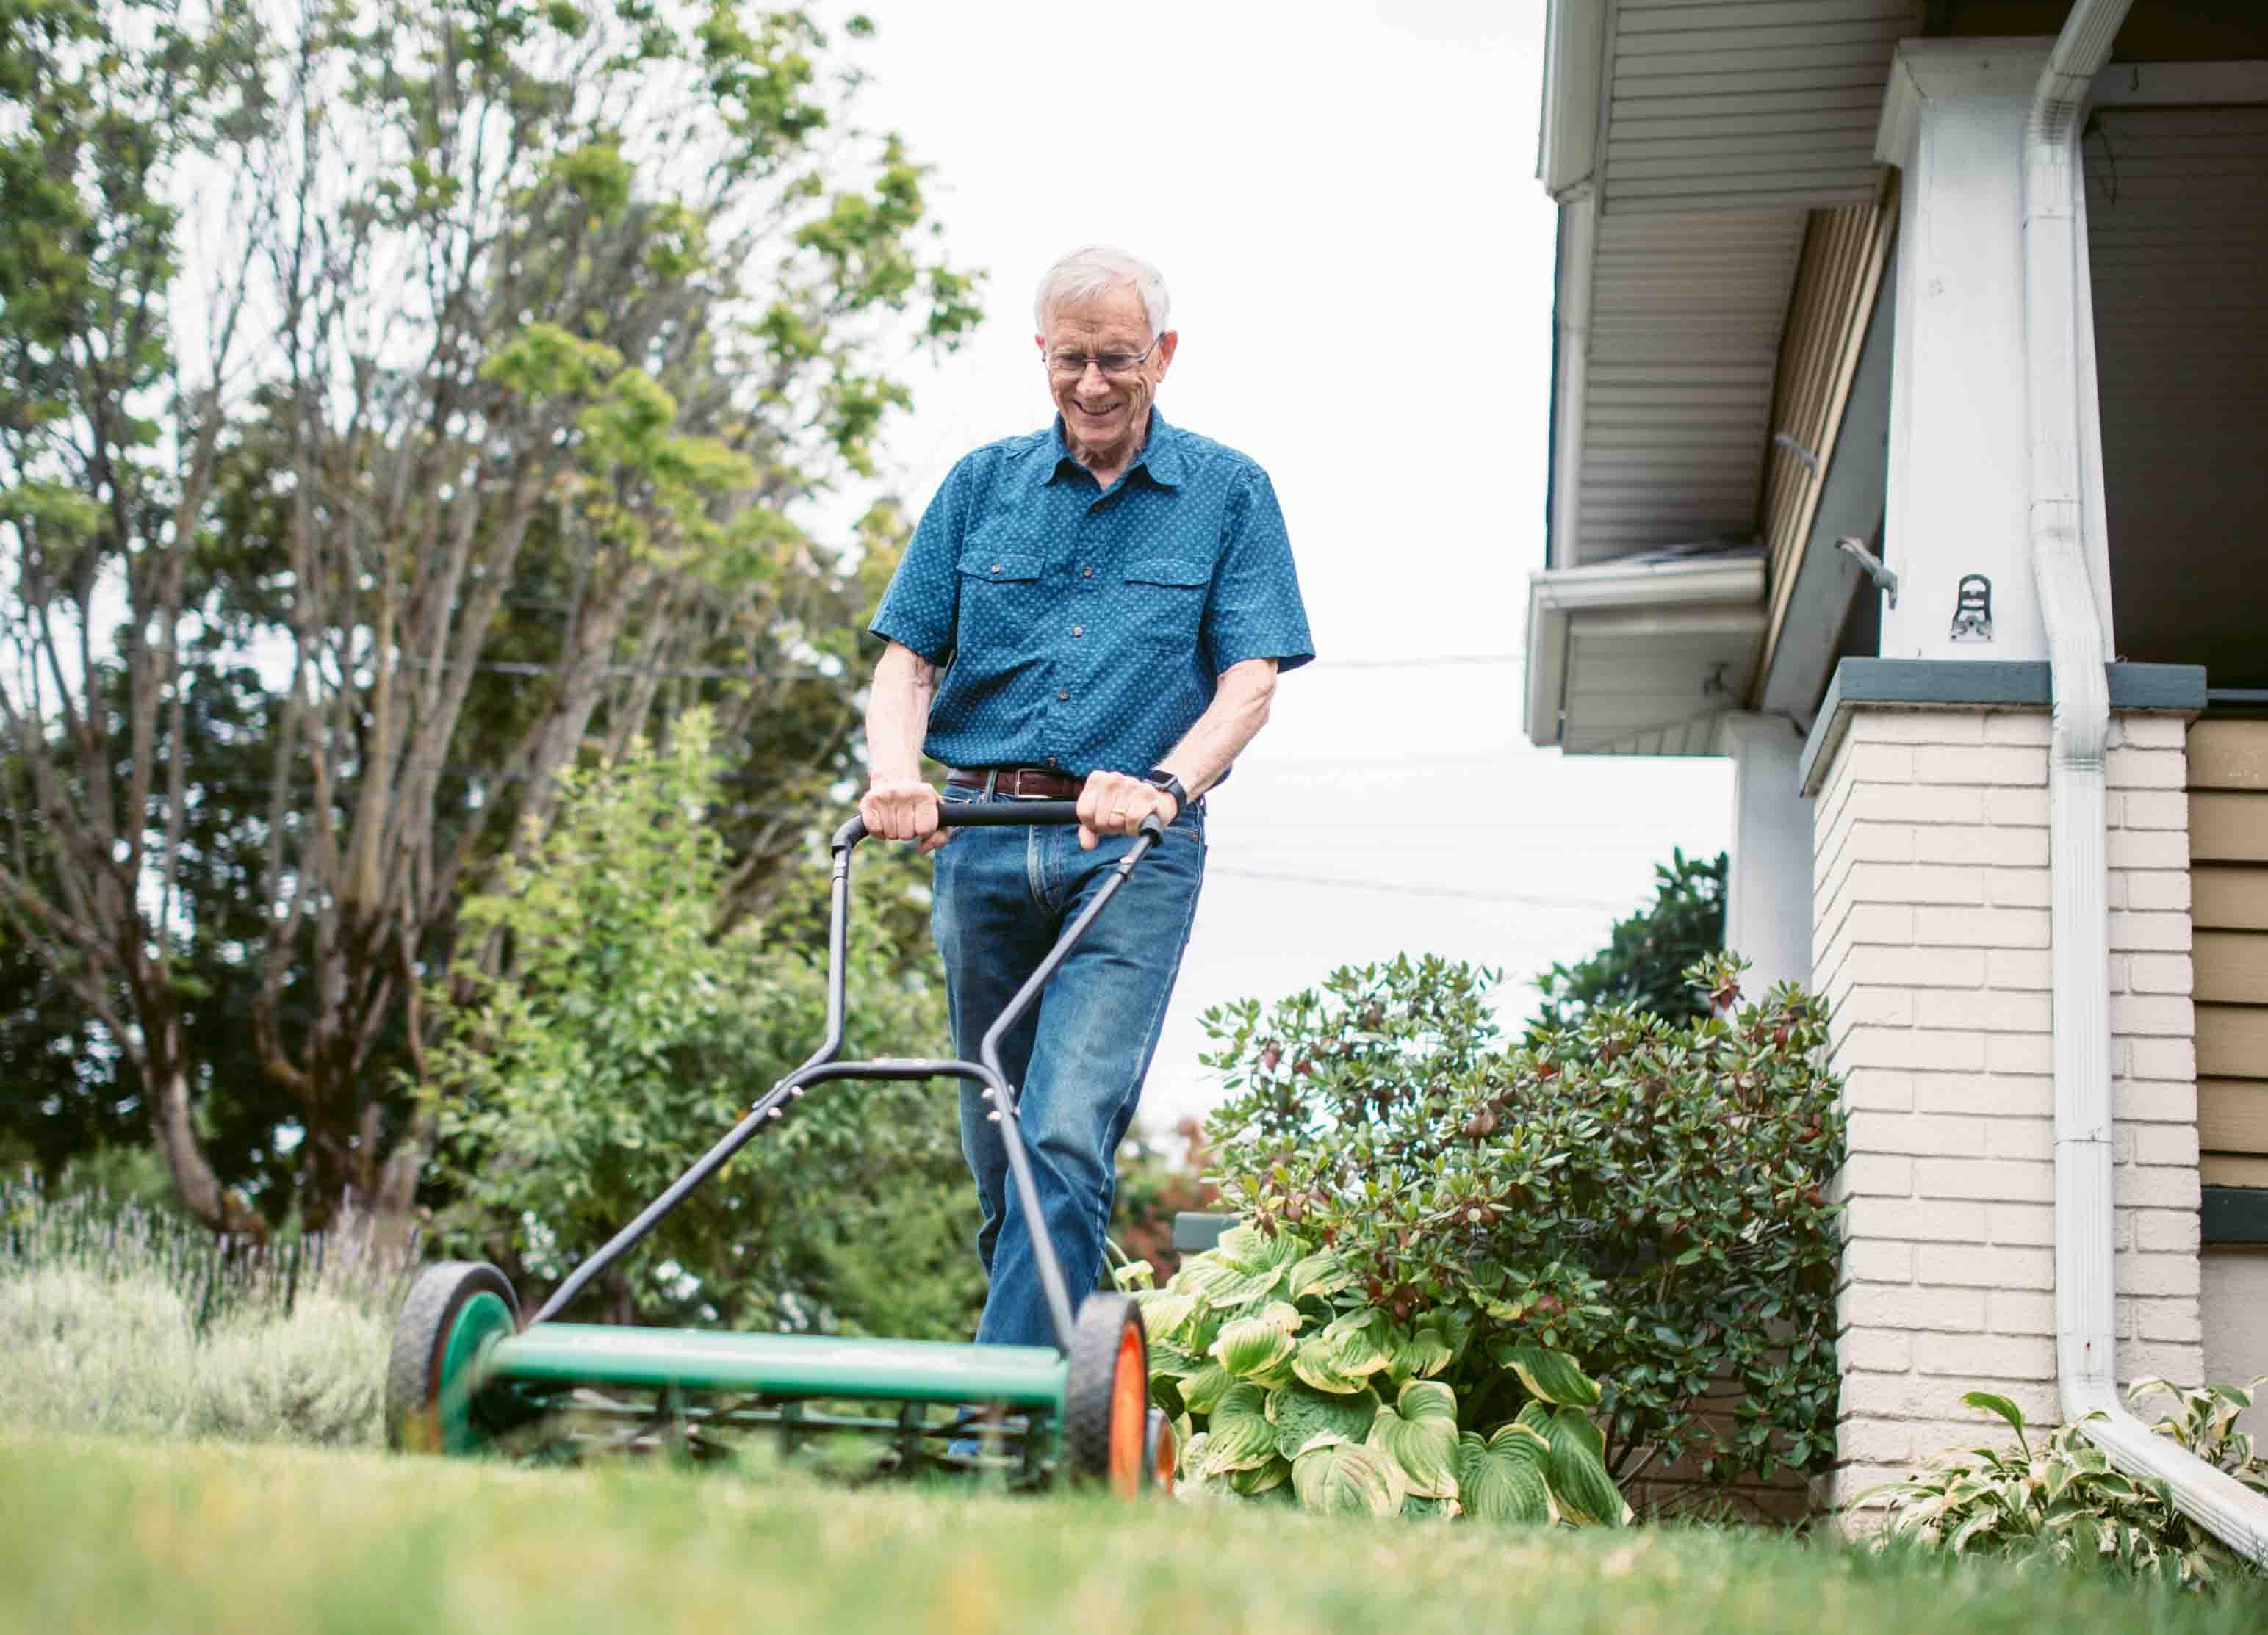 Volunteer Lawn Mowing